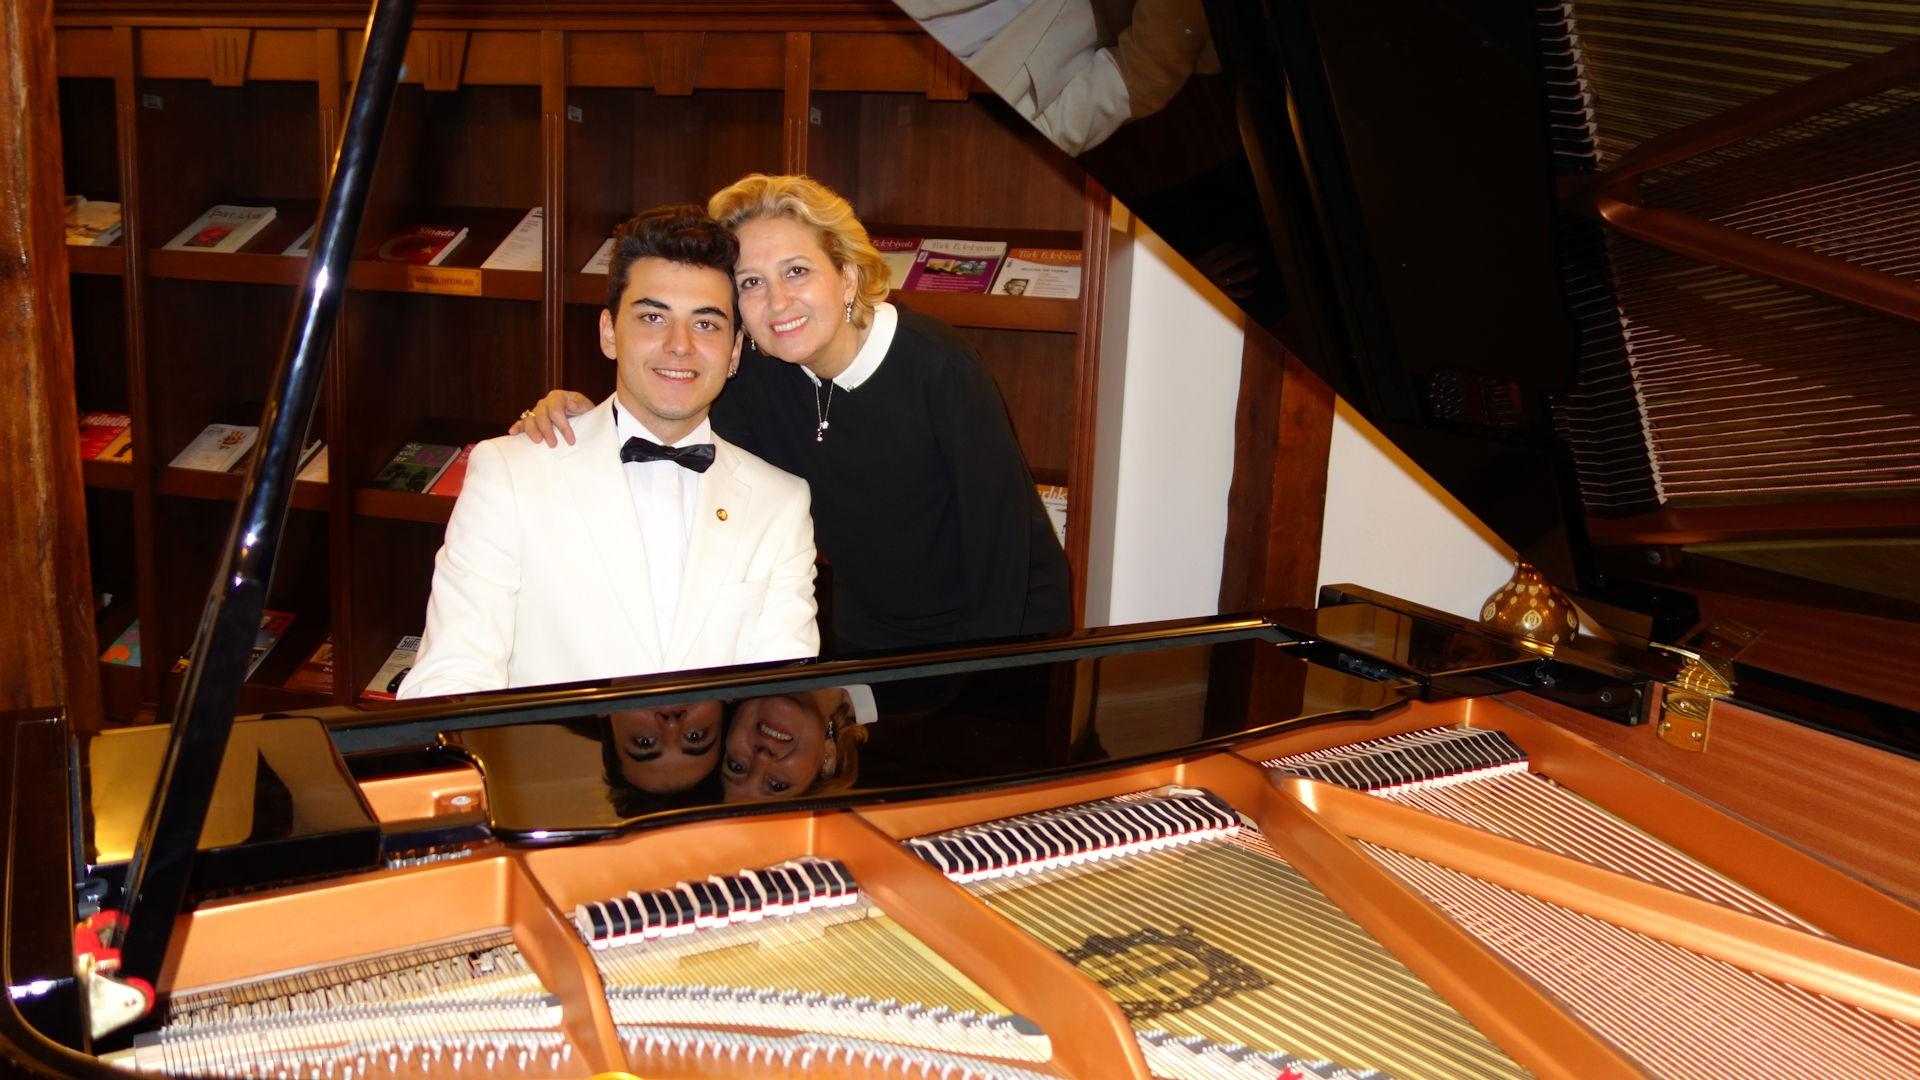 Genç Piyanist Güneş Yakartepe Annem Ile. Piyano İle Türküler Şarkılar Konseri Son Beş Yılda Konser Etkinlik Listesi 2011 2016